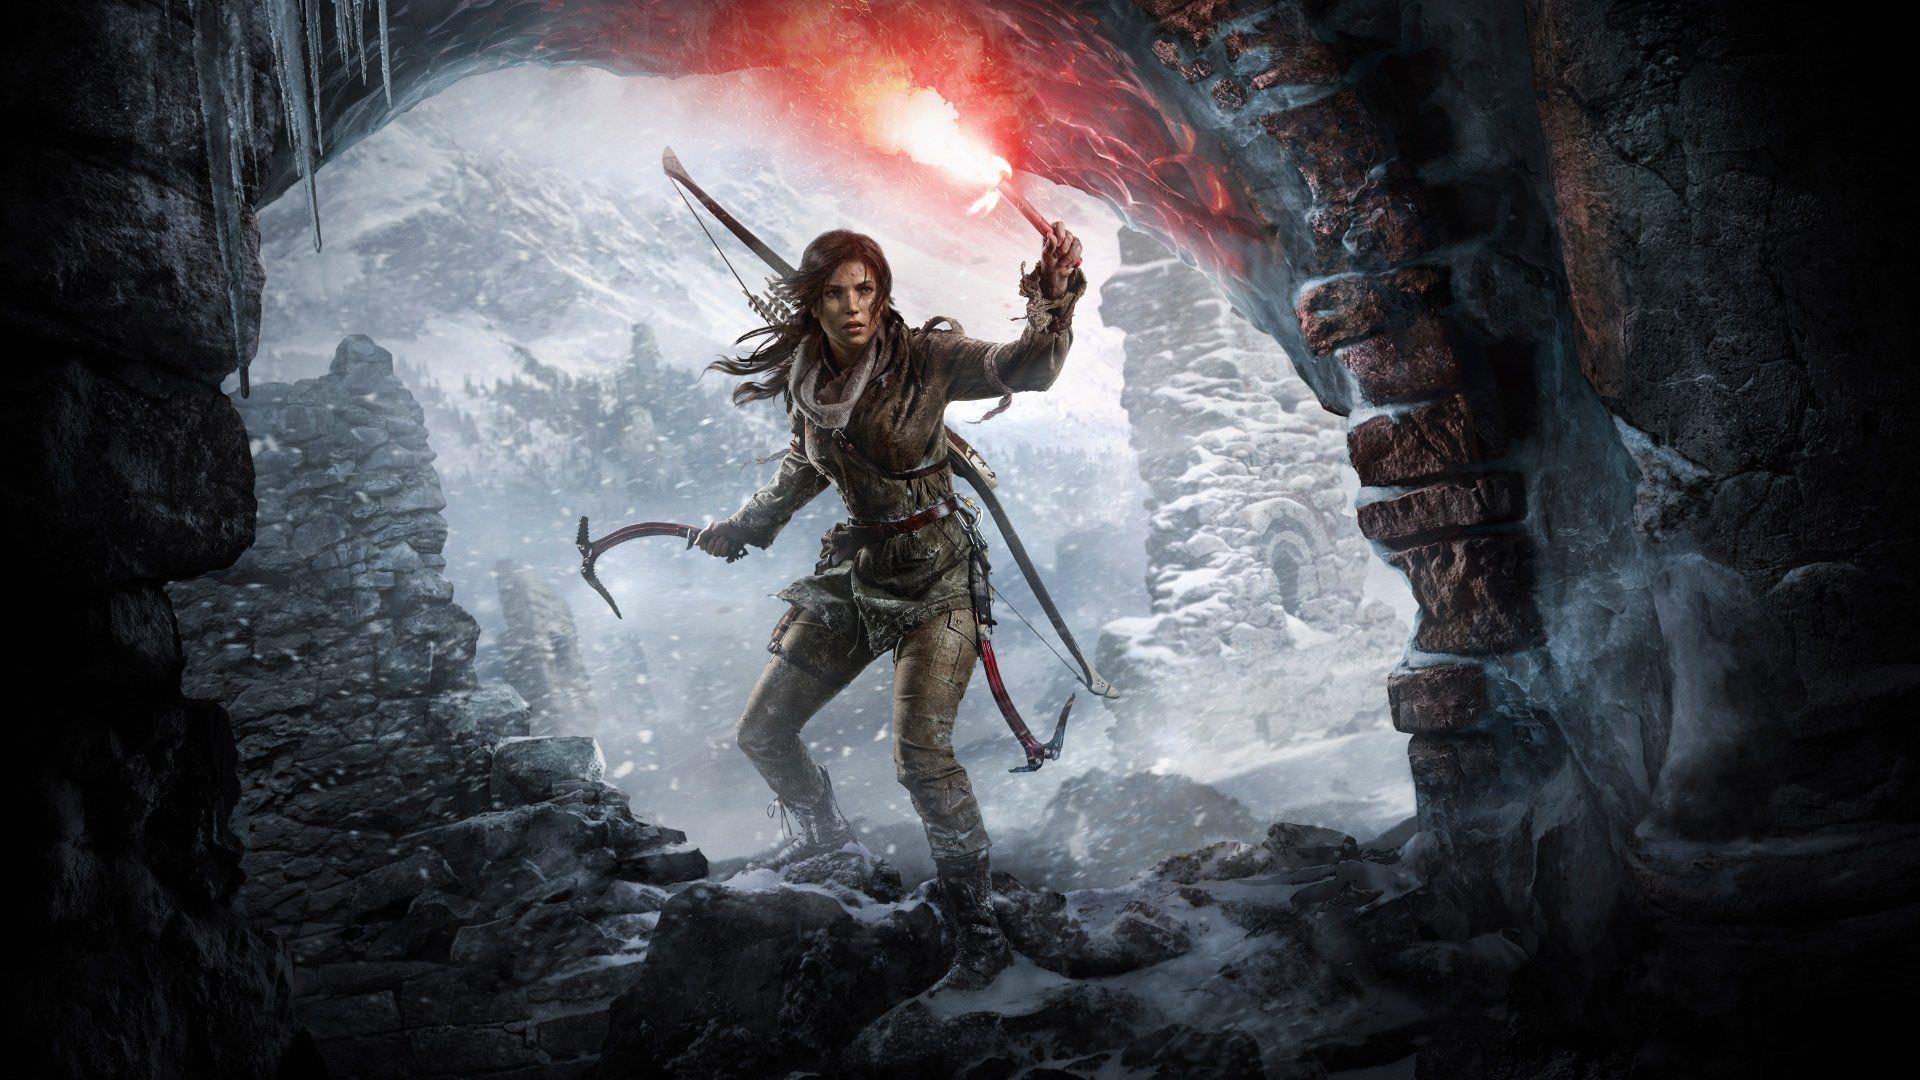 احتمال عرضه کالکشن سه گانه بازی Tomb Raider